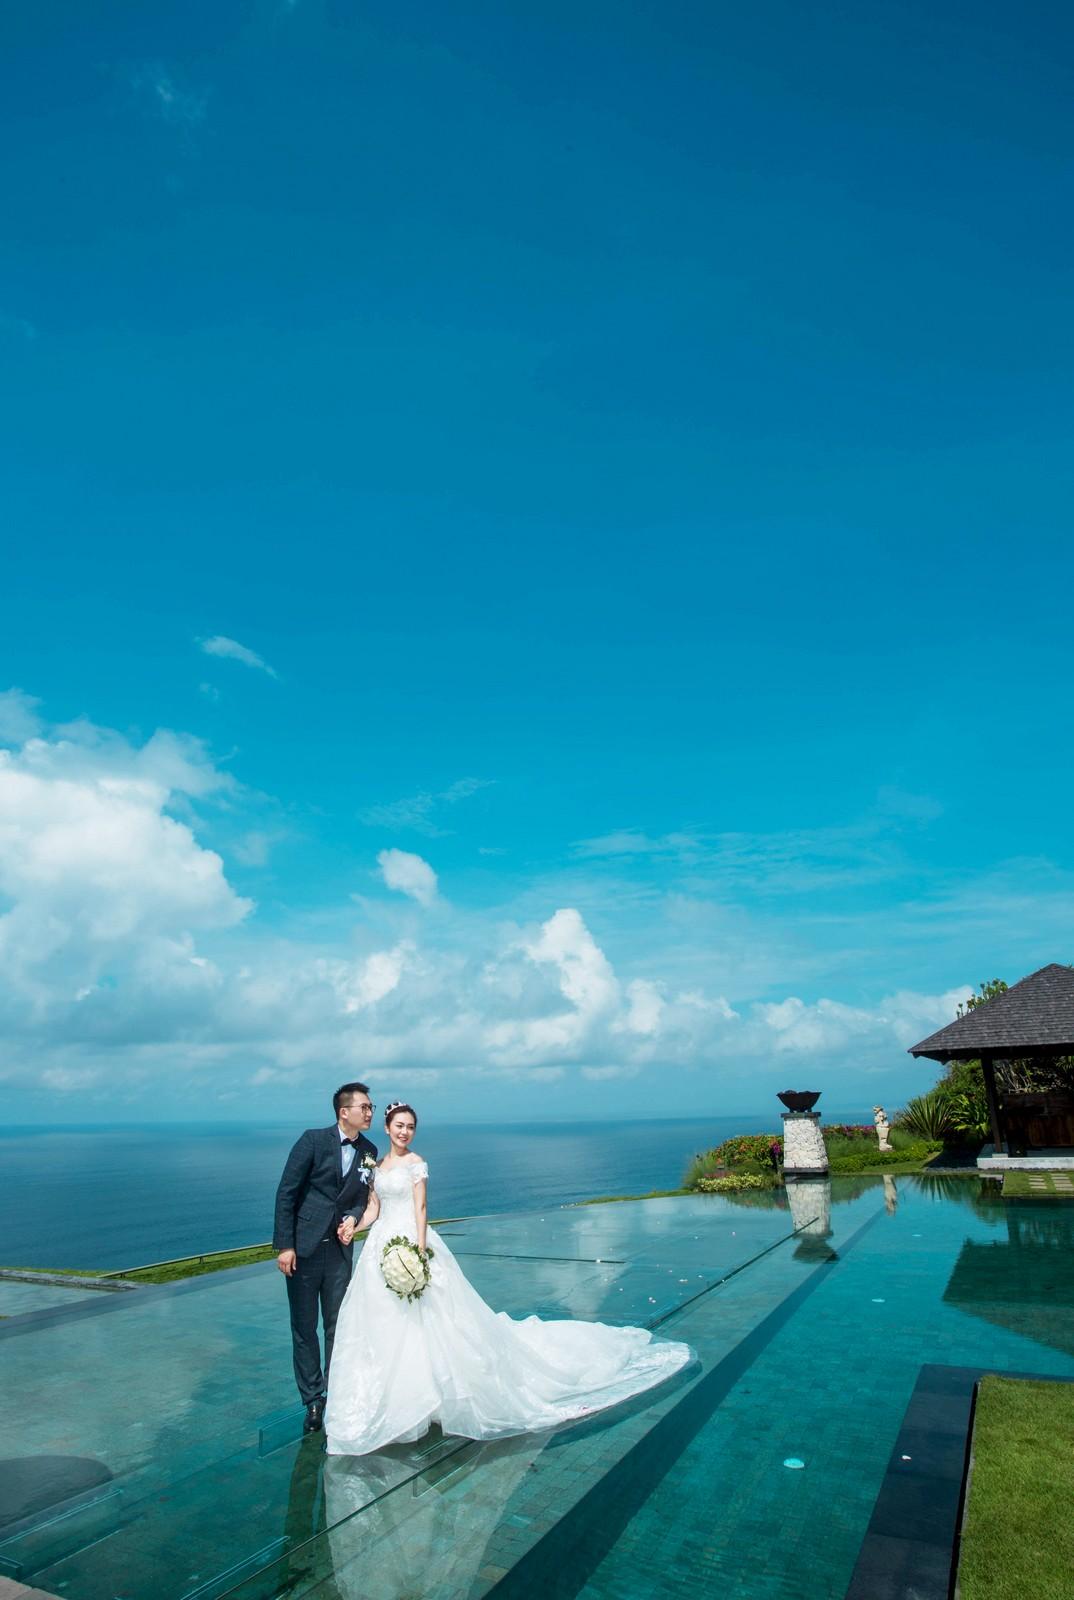 海外婚紗,巴厘島拍婚紗,海外婚紗推薦,海外婚紗2020